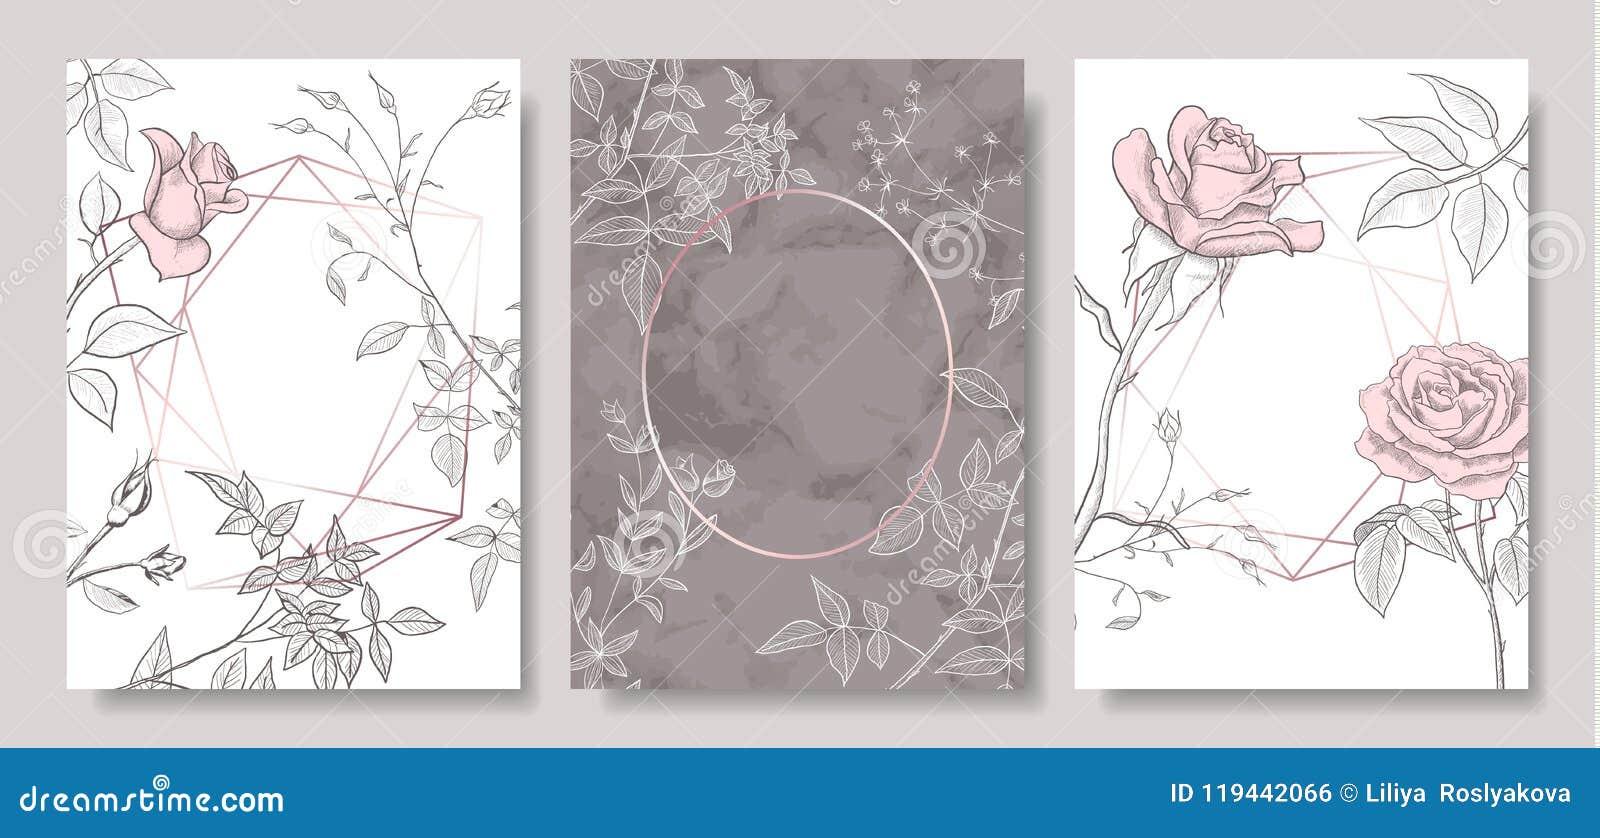 O luxo carda a coleção com textura de mármore, as flores desenhados à mão e forma geométrica Fundo na moda do vetor Grupo moderno